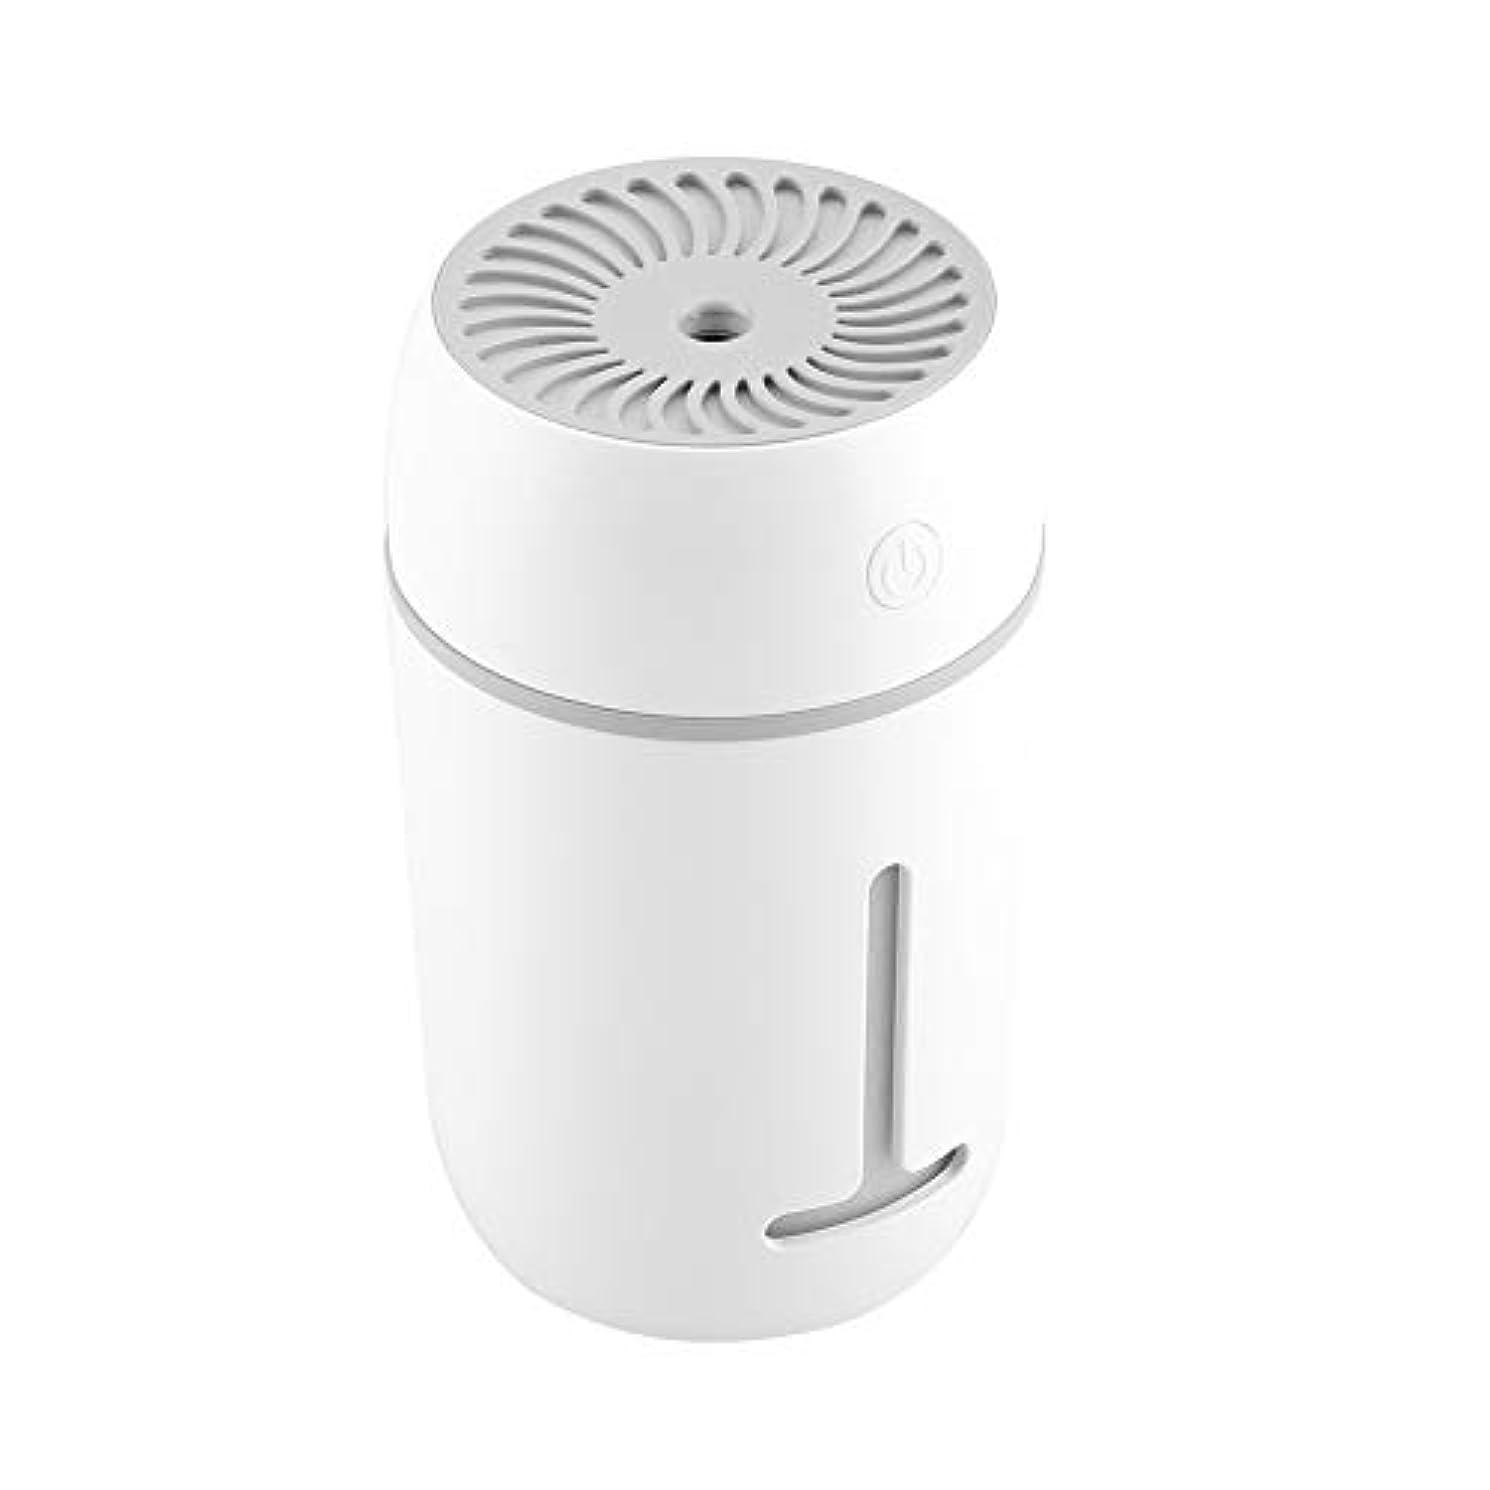 贅沢レトルトシステム携帯用加湿器、車のオフィスのためのUSBの再充電可能な携帯用超音波加湿器の拡散器7色LEDライト